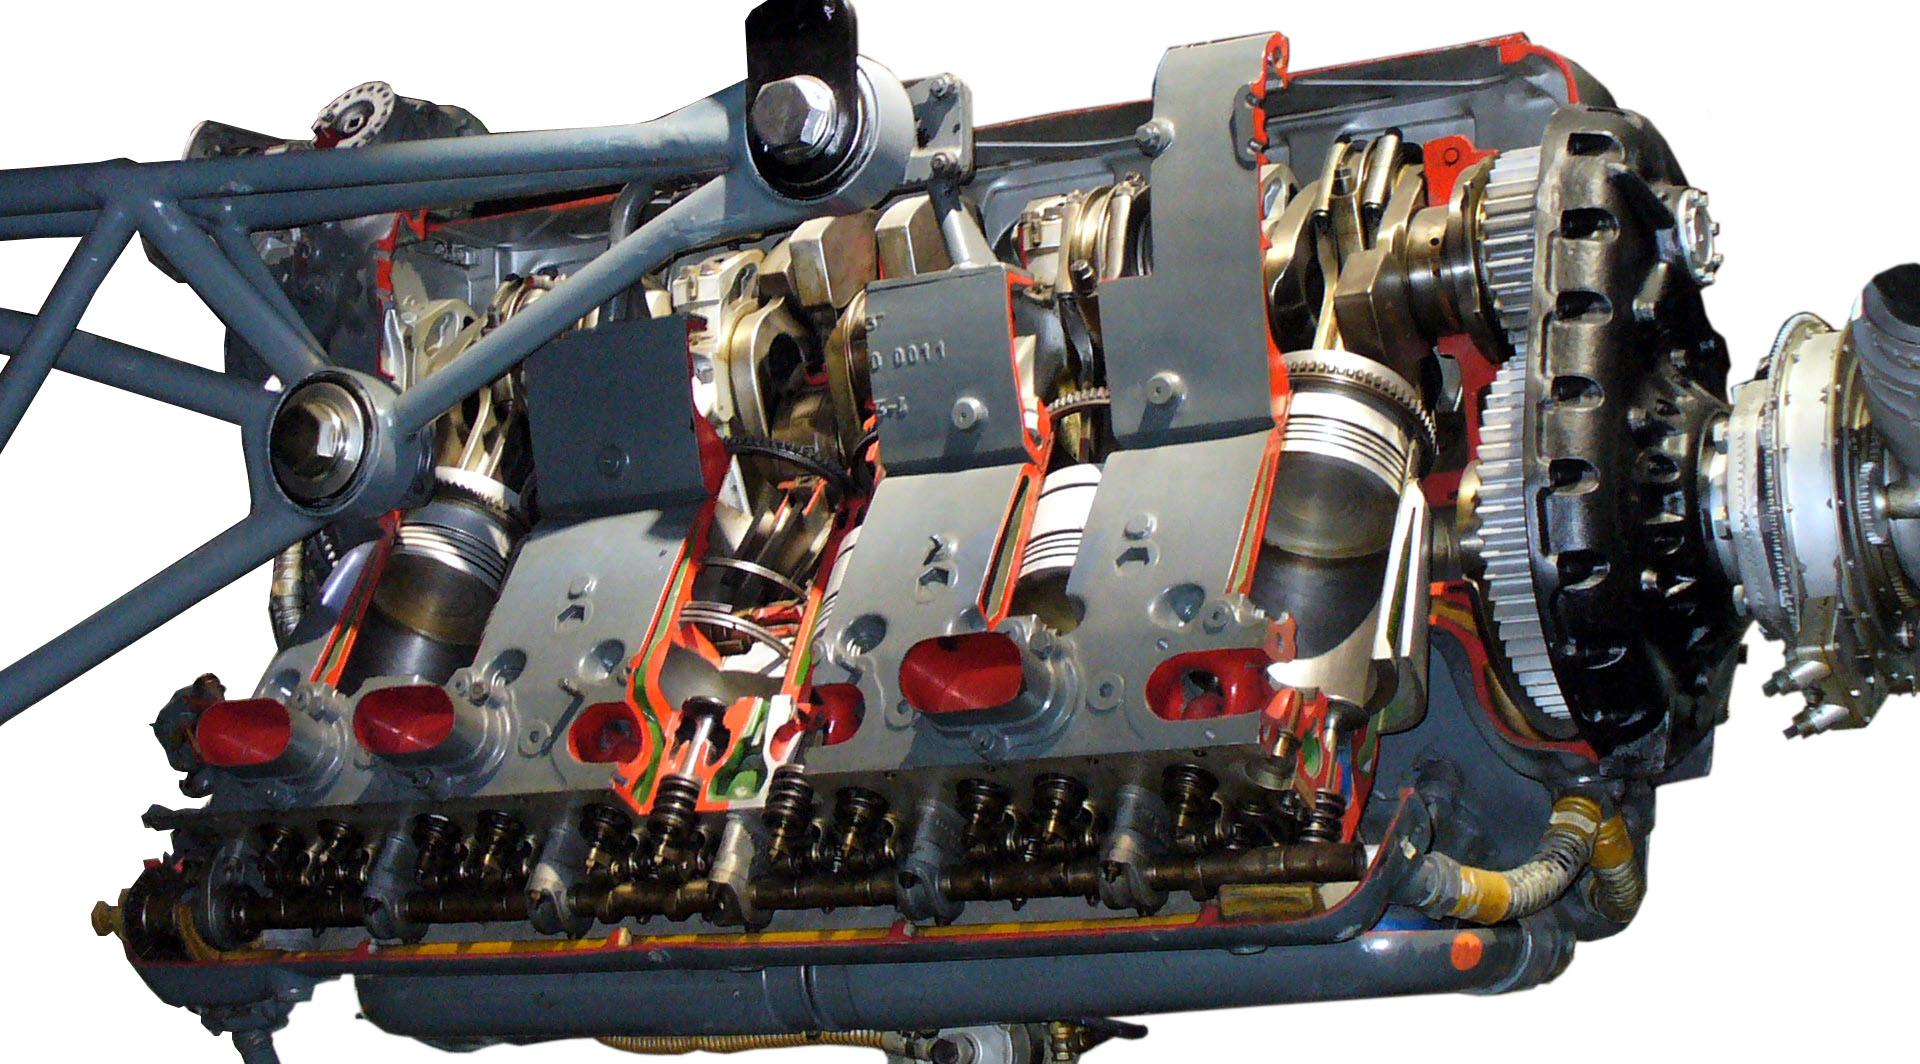 Blick in das Schnittmodell eines Daimler Benz Flugmotors 601 von 1937